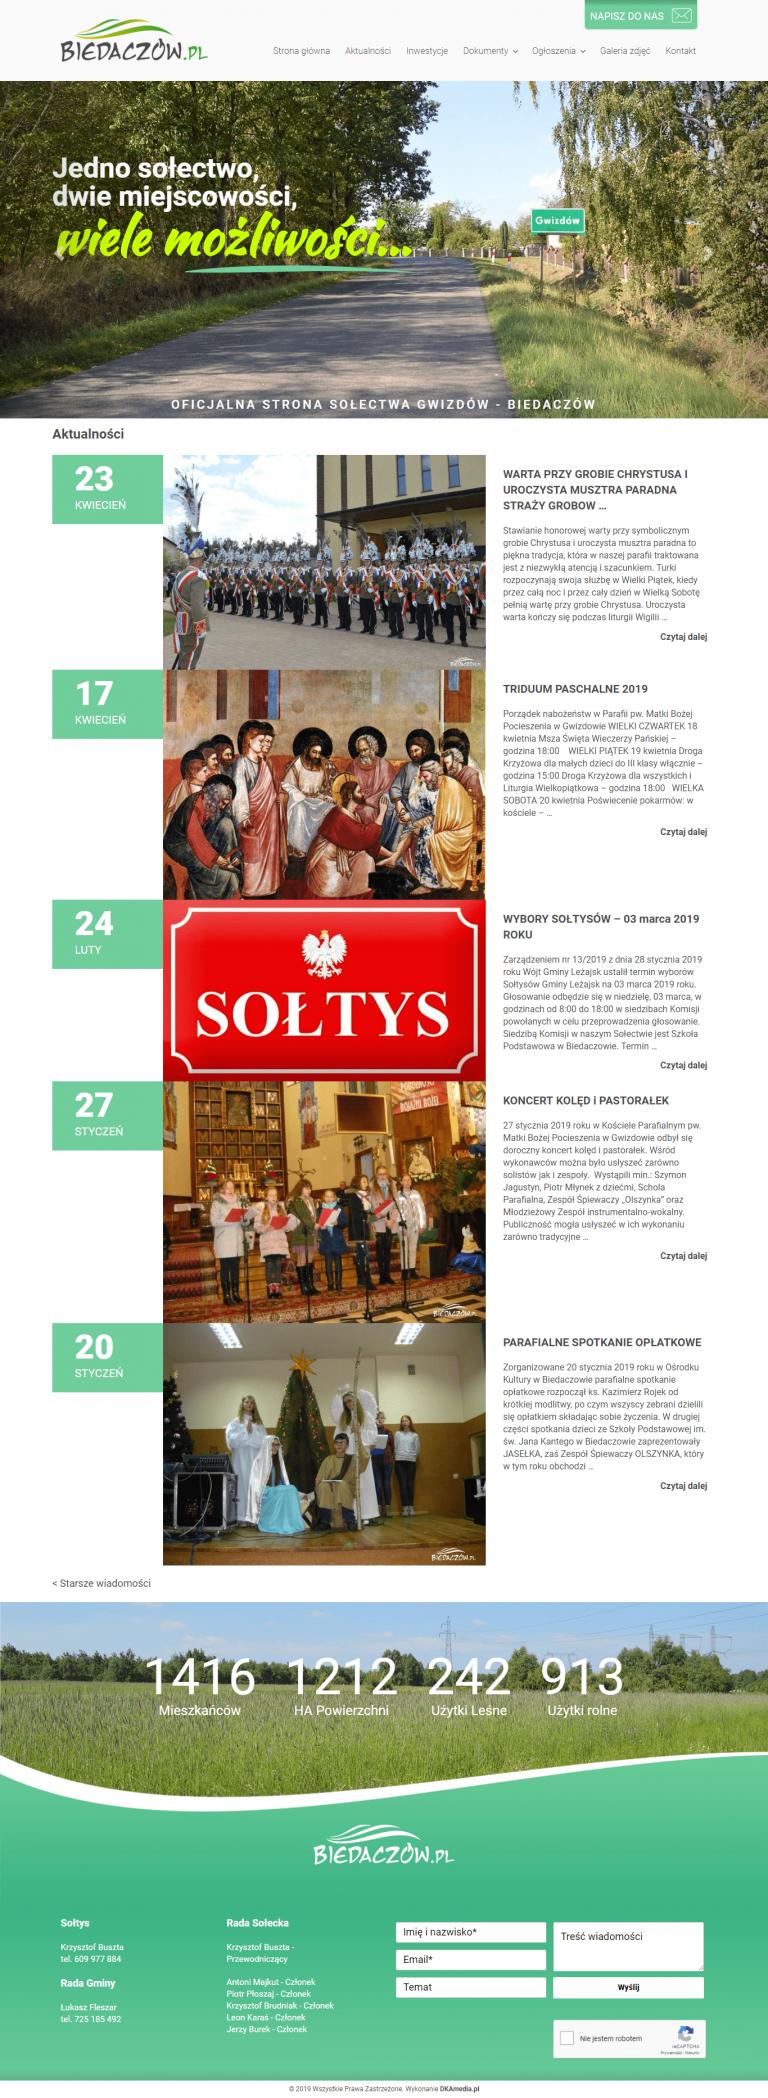 Realizacja DKAmedia dla - Biedaczów – Oficjalna strona sołectwa Gwizdów – Biedaczów - www.biedaczow.pl